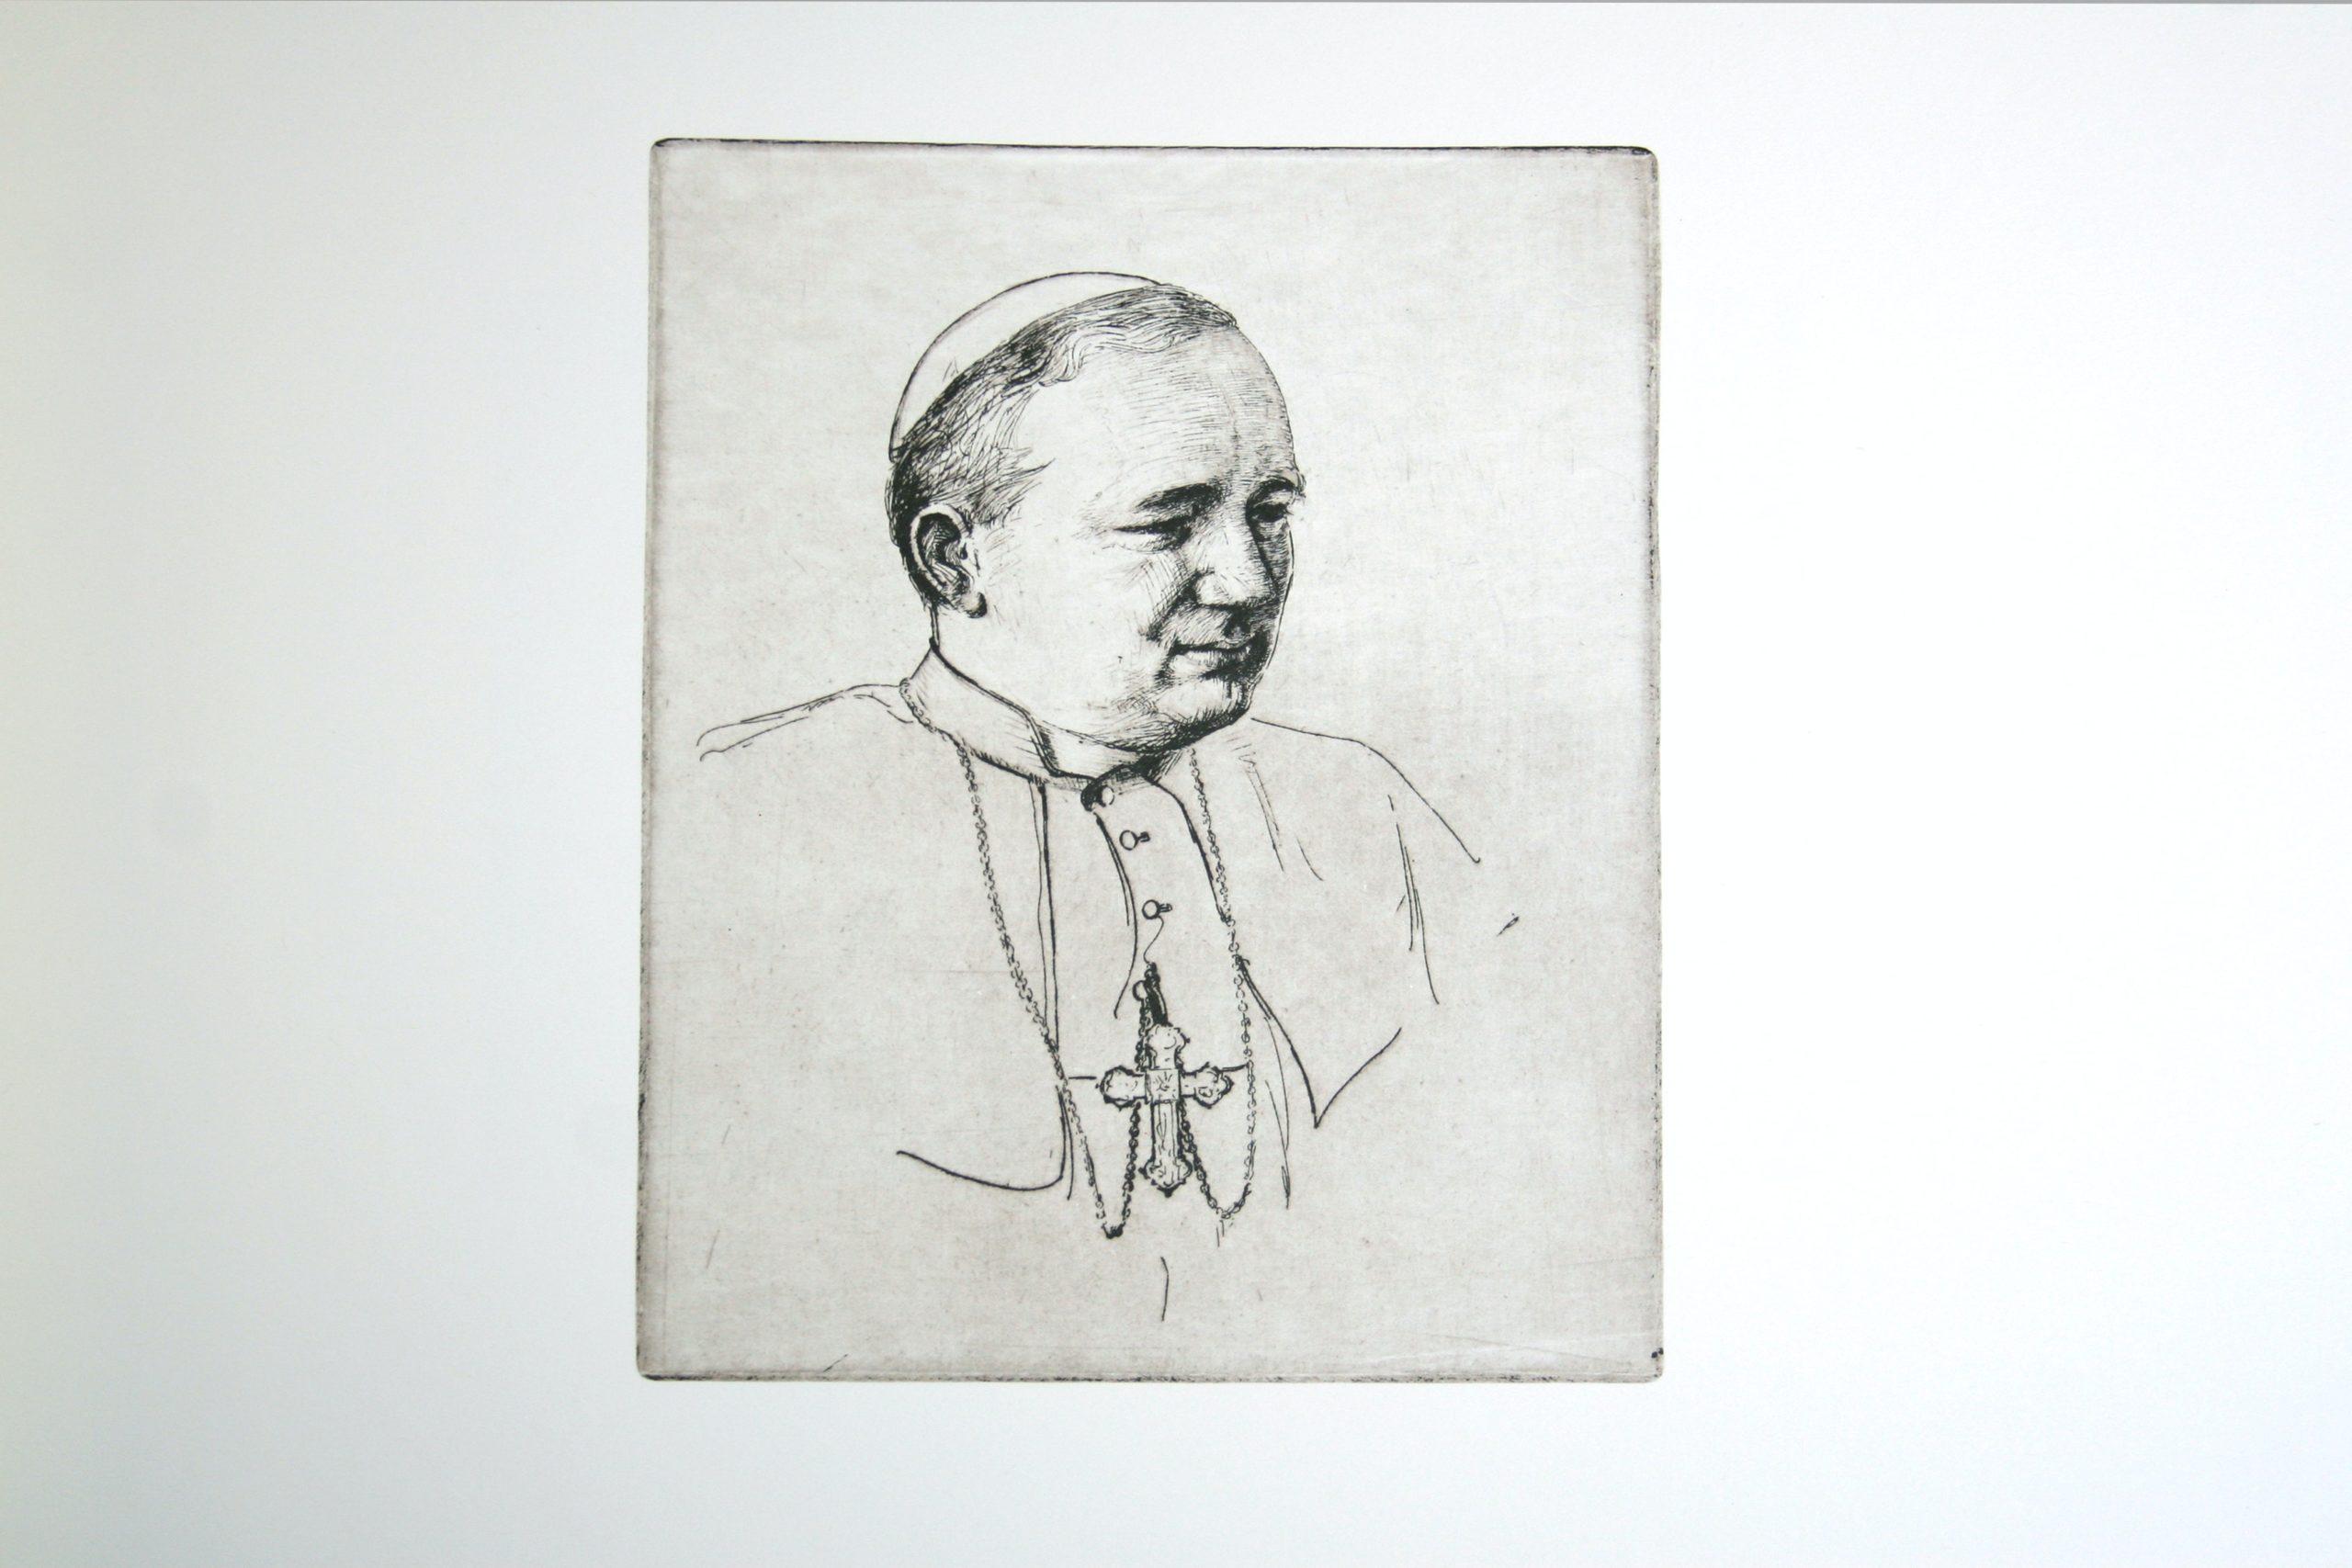 The Right Reverend A.A. Sinnott